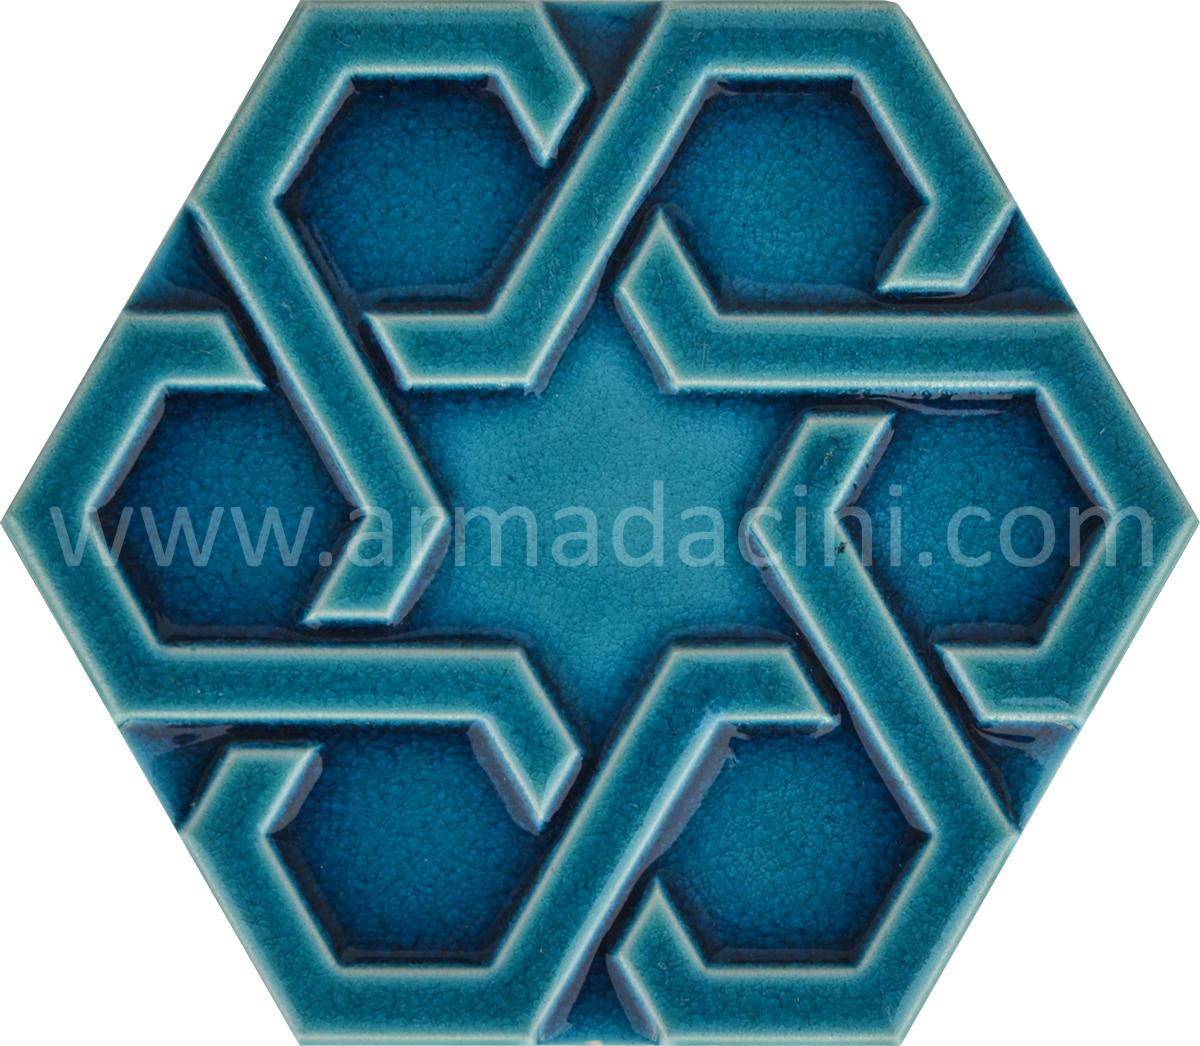 Firuze Rolyefli Porselen Altıgen Cini, Kutahya çinisi, Cami çinileri, Türk hamamı, mosque, Banyo otel dekorasyon, fiyatları hexagon tile decoration örnekler